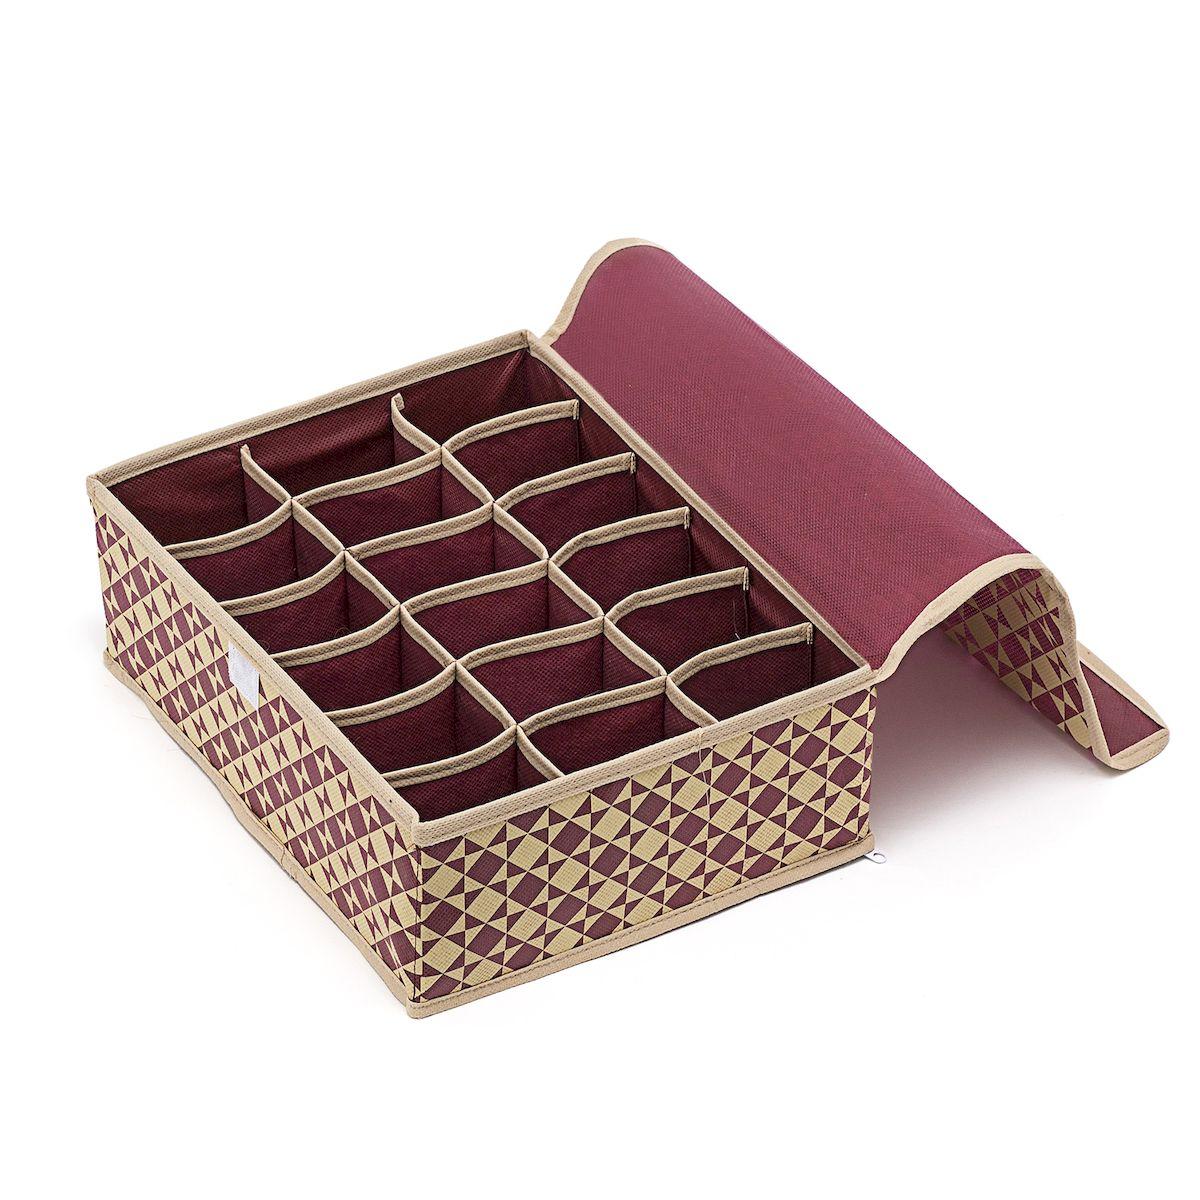 Органайзер для хранения вещей Homsu Bordo, 18 секций, 31 х 24 х 11 смEX-S15Компактный складной органайзер Homsu Bordo изготовлен из высококачественного полиэстера, который обеспечивает естественную вентиляцию. Материал позволяет воздуху свободно проникать внутрь, но не пропускает пыль. Органайзер отлично держит форму, благодаря вставкам из плотного картона. Изделие имеет 18 квадратных секций для хранения нижнего белья, колготок, носков и другой одежды. Закрывается крышкой на молнии. Такой органайзер позволит вам хранить вещи компактно и удобно, а оригинальный дизайн сделает вашу гардеробную красивой и невероятно стильной.